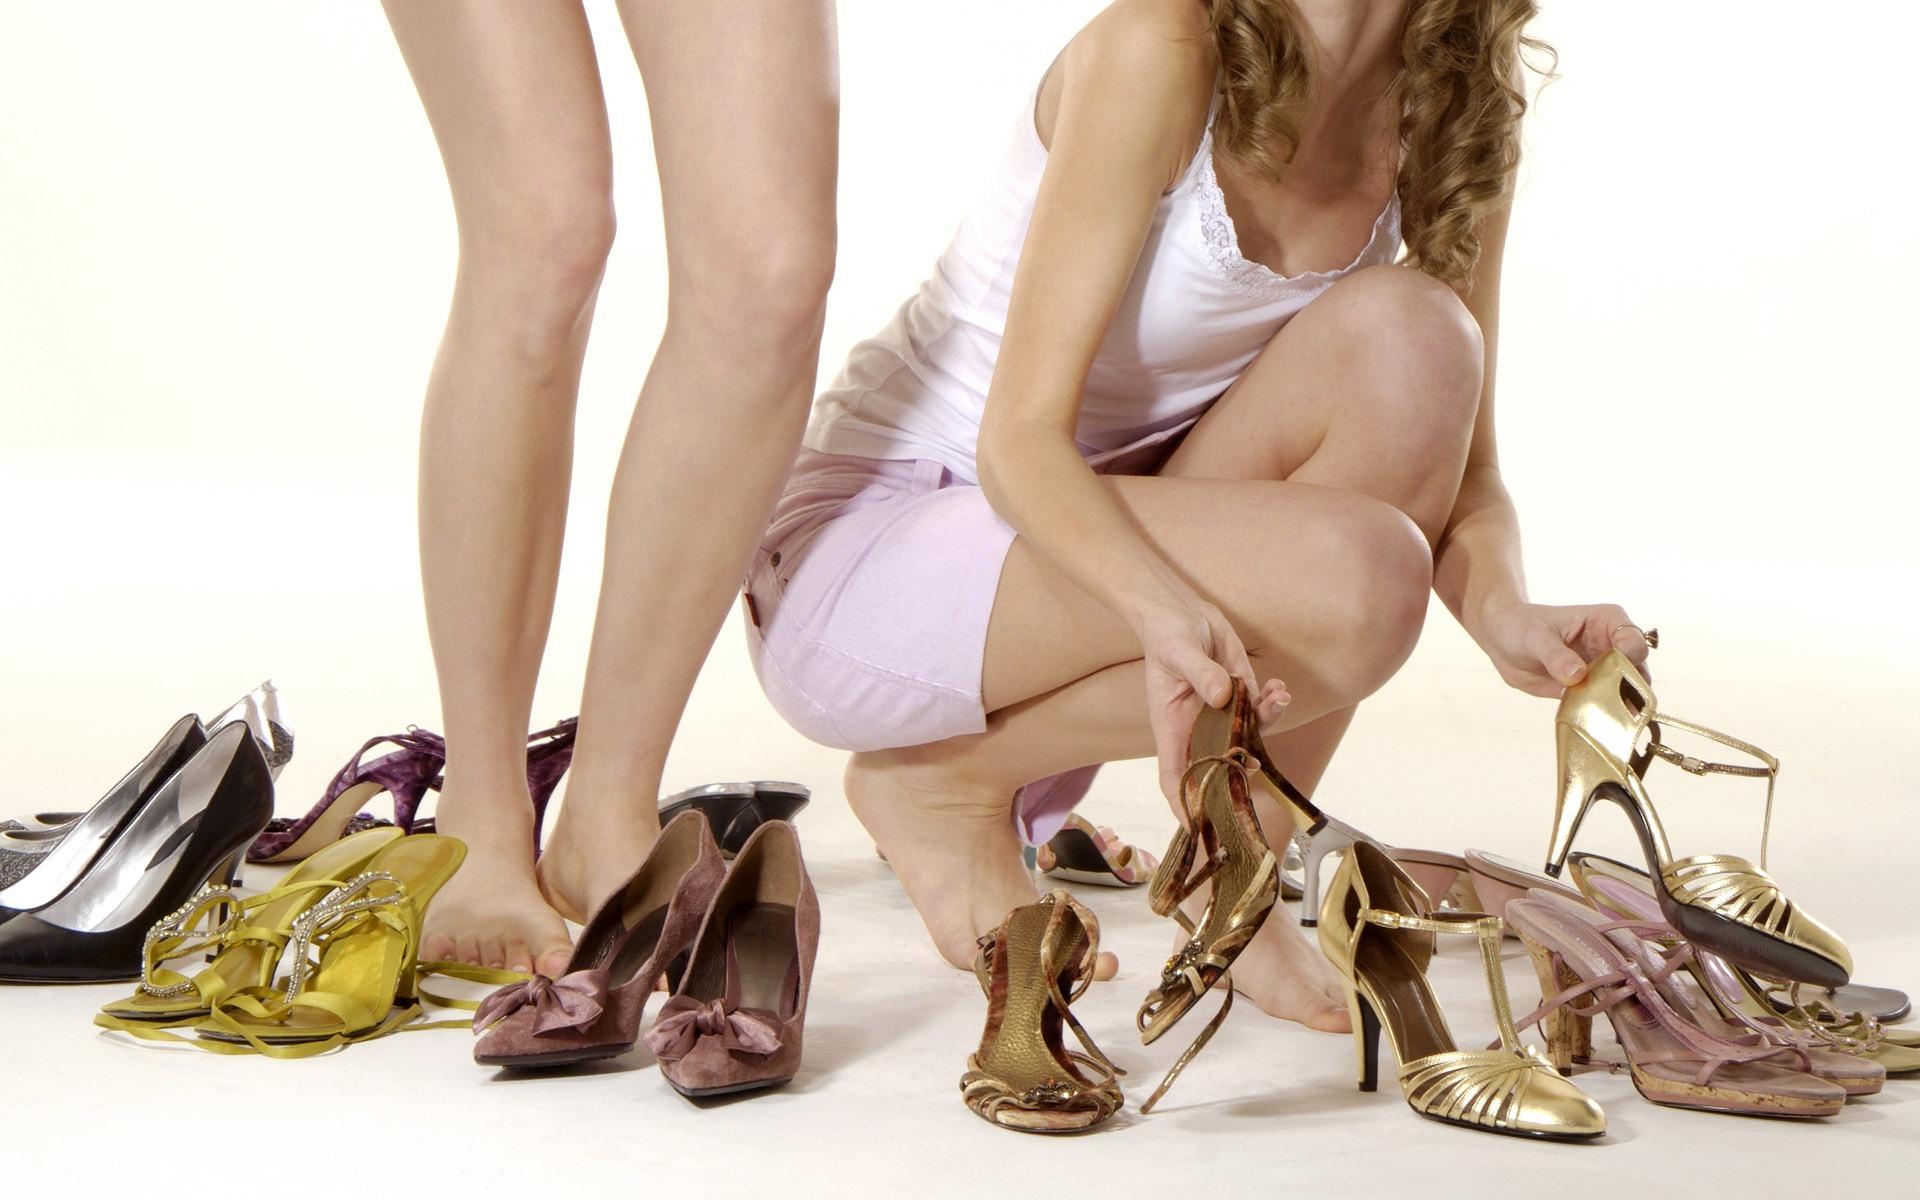 Туфли на девушке 17 фотография